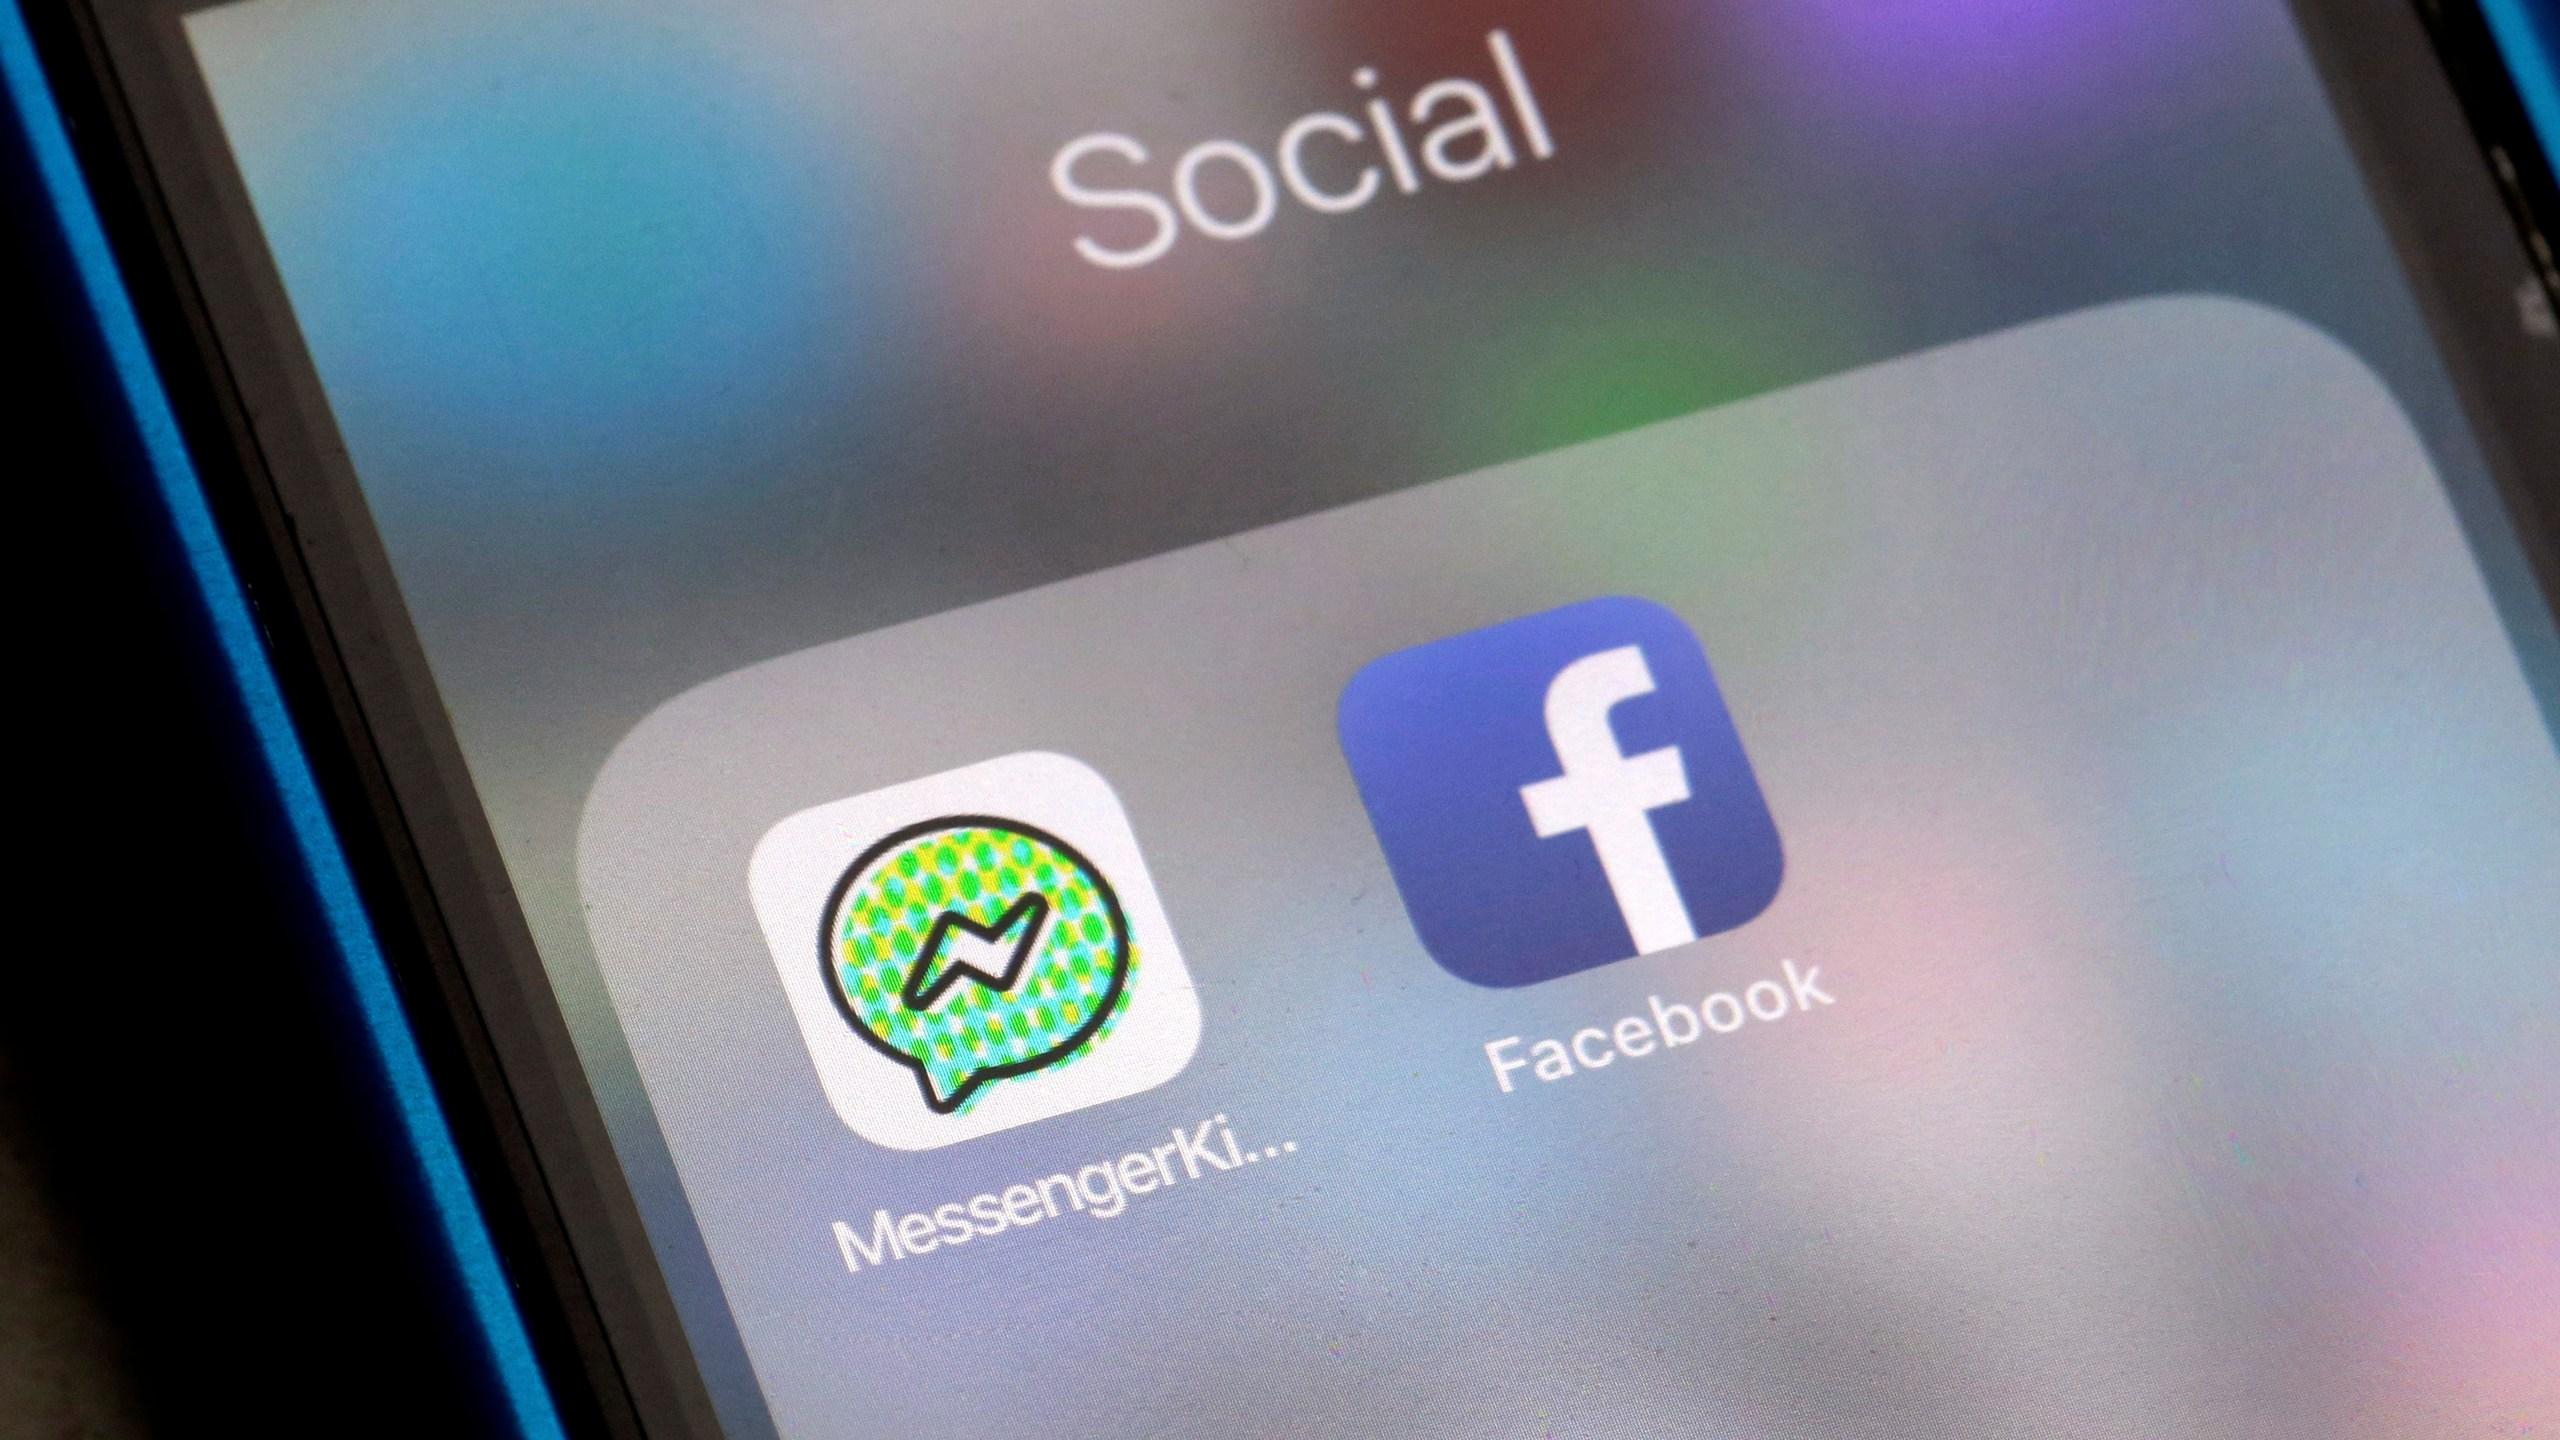 Facebook_Messenger_Kids_Complaint_00460-159532.jpg79435681